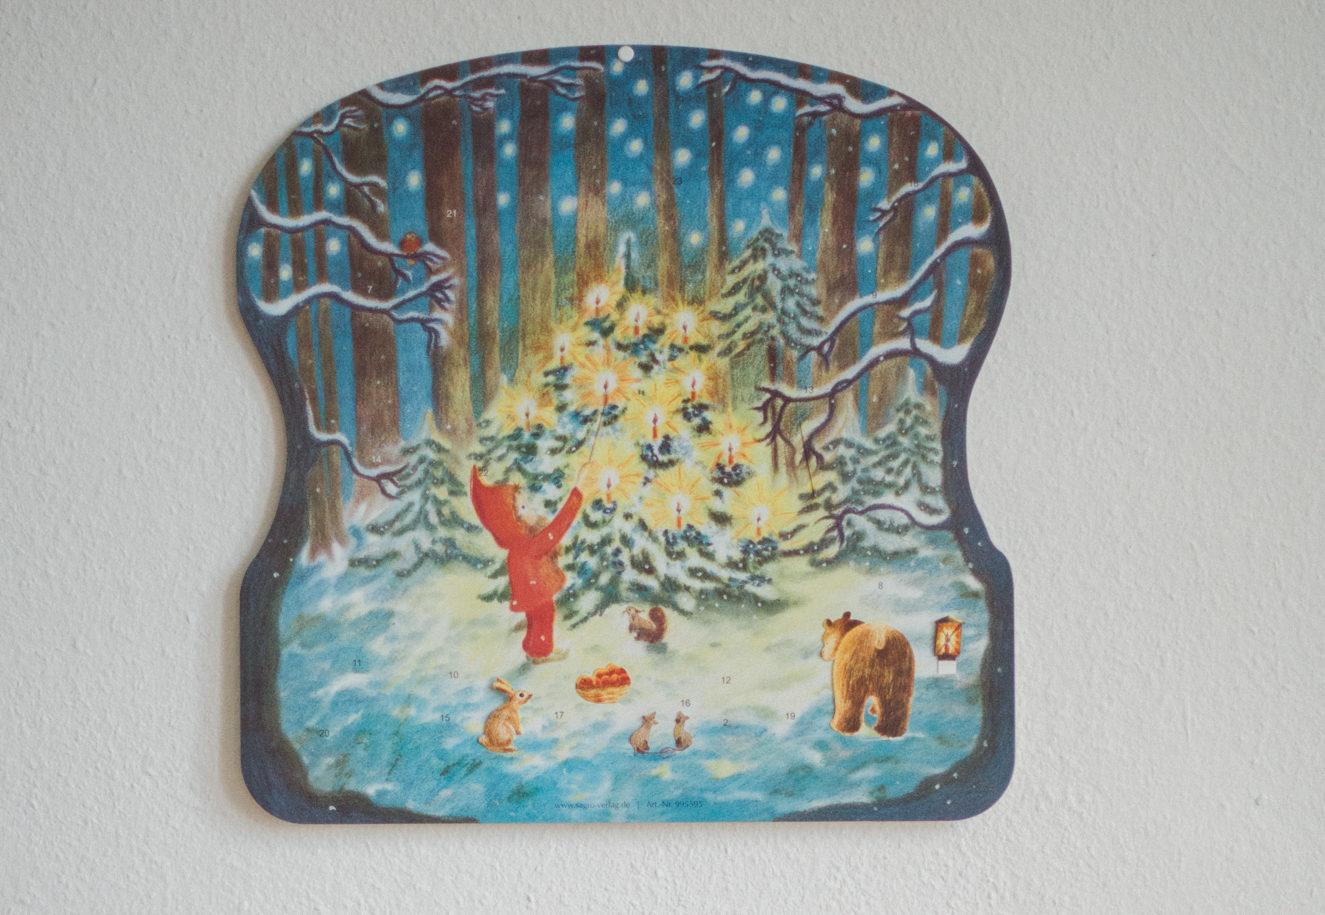 Waldorf Adventskalender, Weihnachten im Walde, Zeit statt Geschenke schenken für Kinder